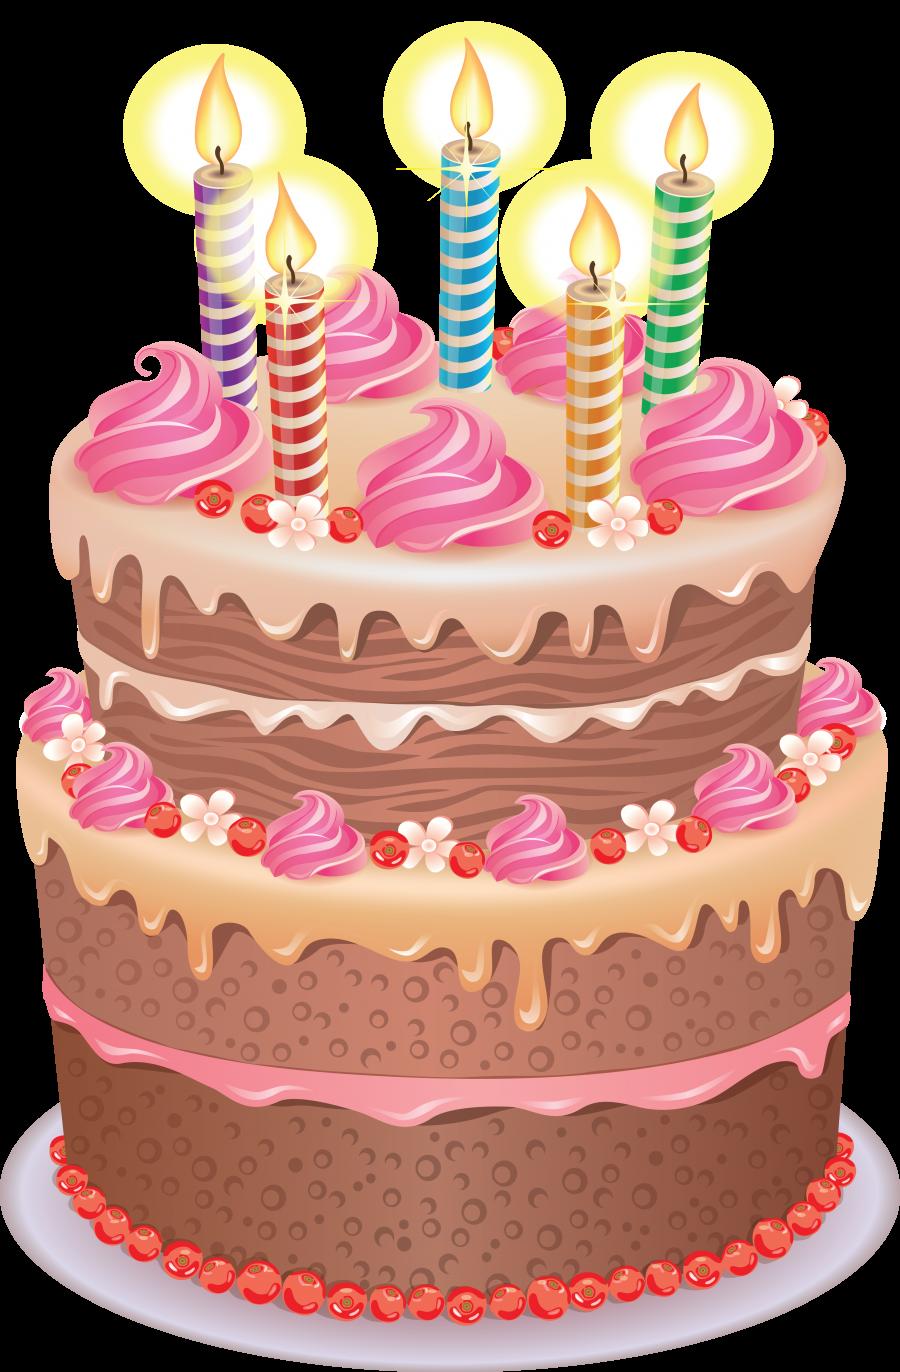 Открытки, картинки торт для детей